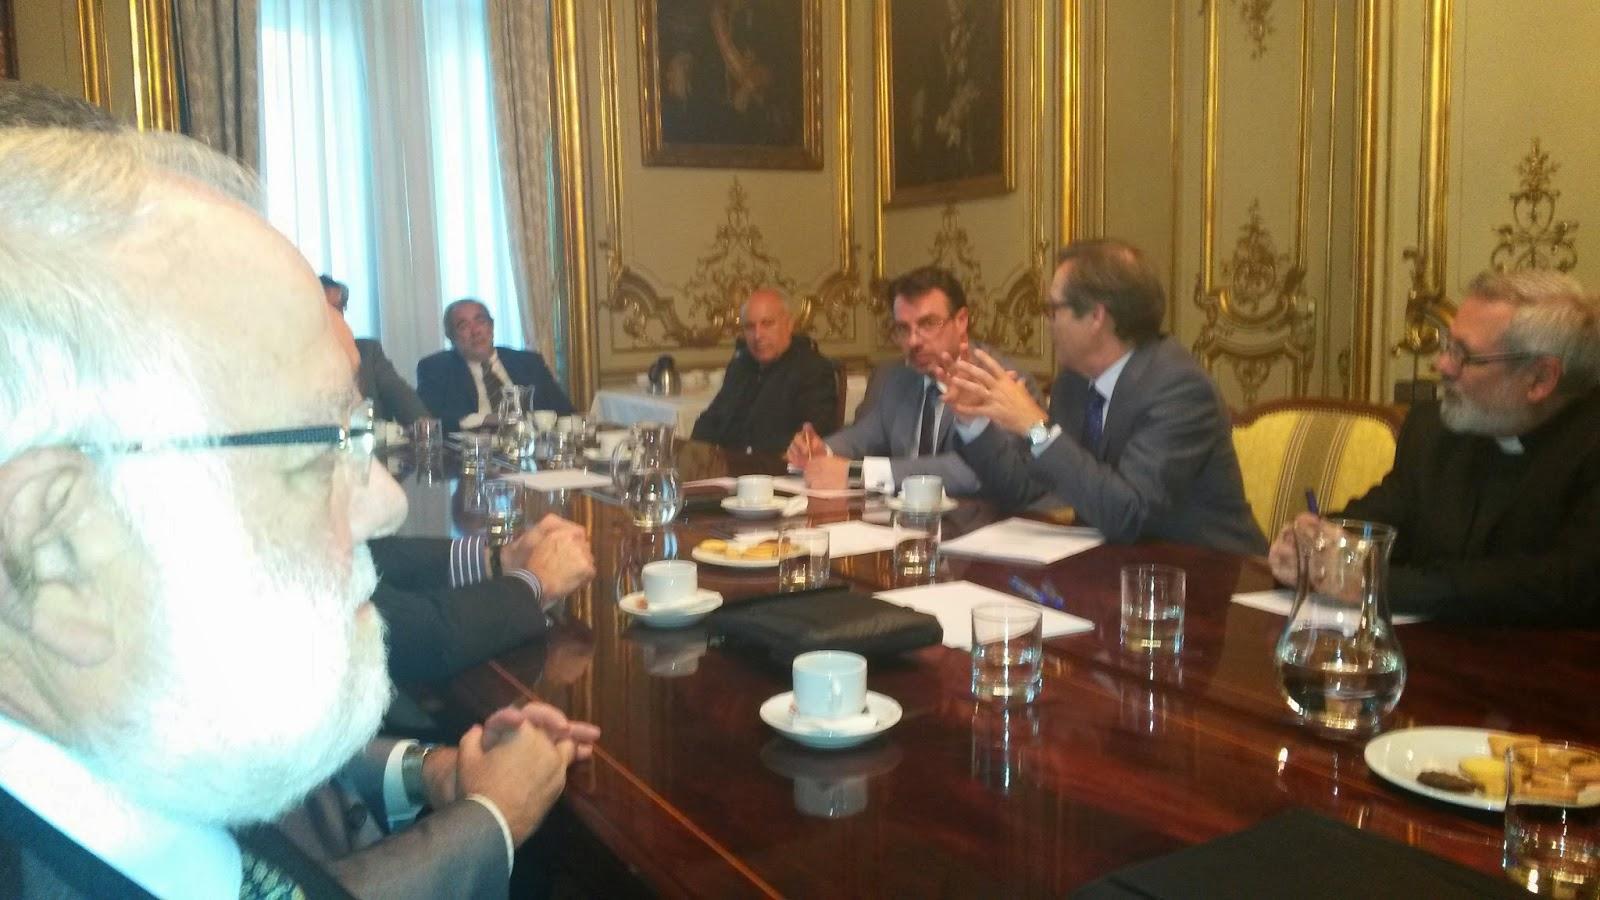 Reunión informativa sobre reformas legislativas